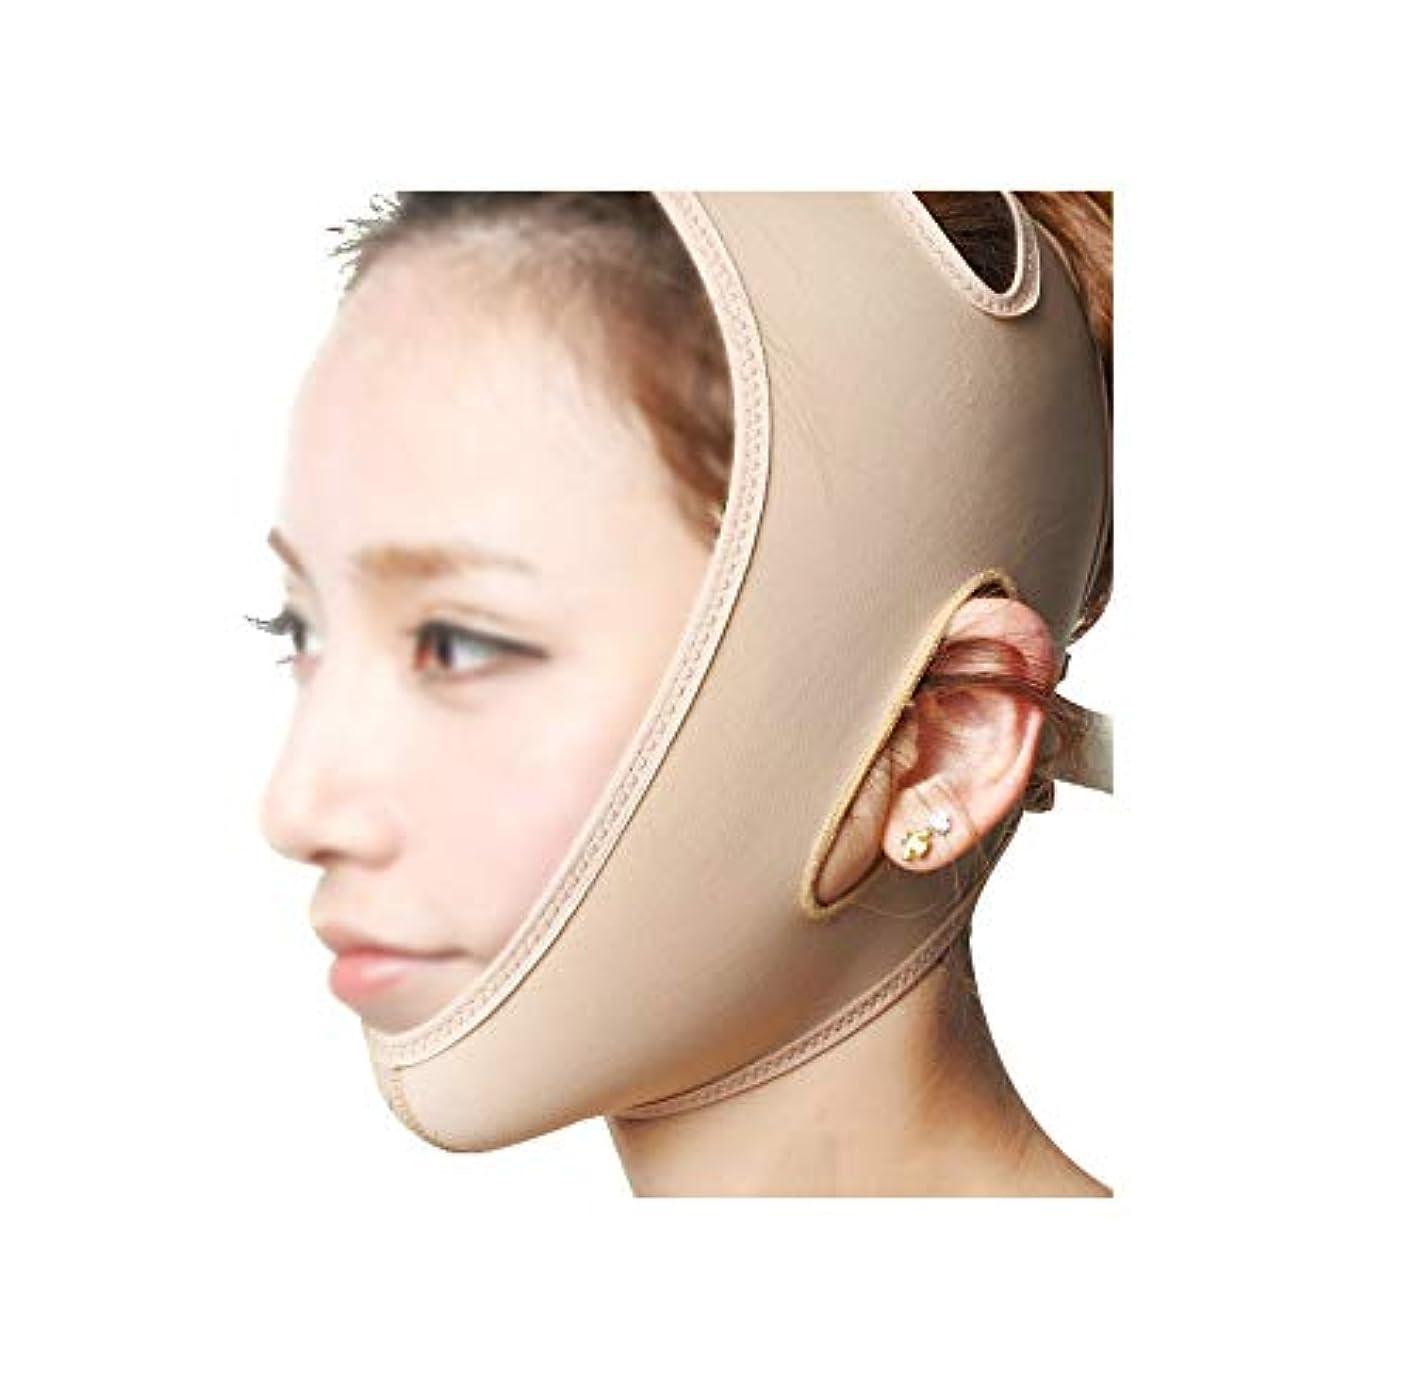 バッテリーしなければならない困ったXHLMRMJ フェイスリフティングバンデージ、フェイスマスク3Dパネルデザイン、通気性のある非通気性、高弾性ライクラ生地フィジカルVフェイス、美しい顔の輪郭の作成 (Size : M)